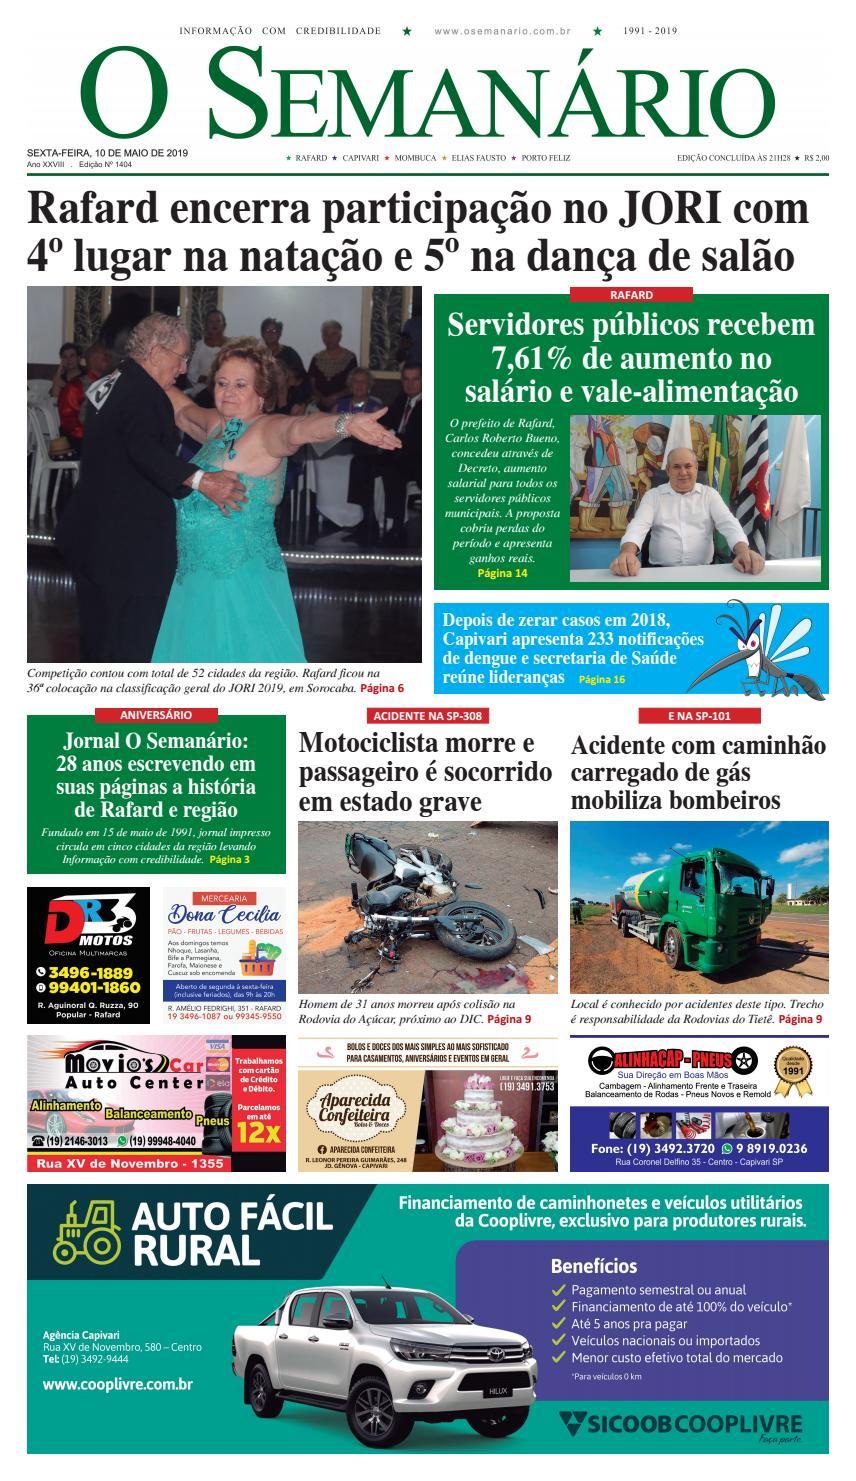 56ce6f452 Jornal O Semanário Regional - Edição 1404 - 10 05 2019 by Jornal O  Semanário - issuu